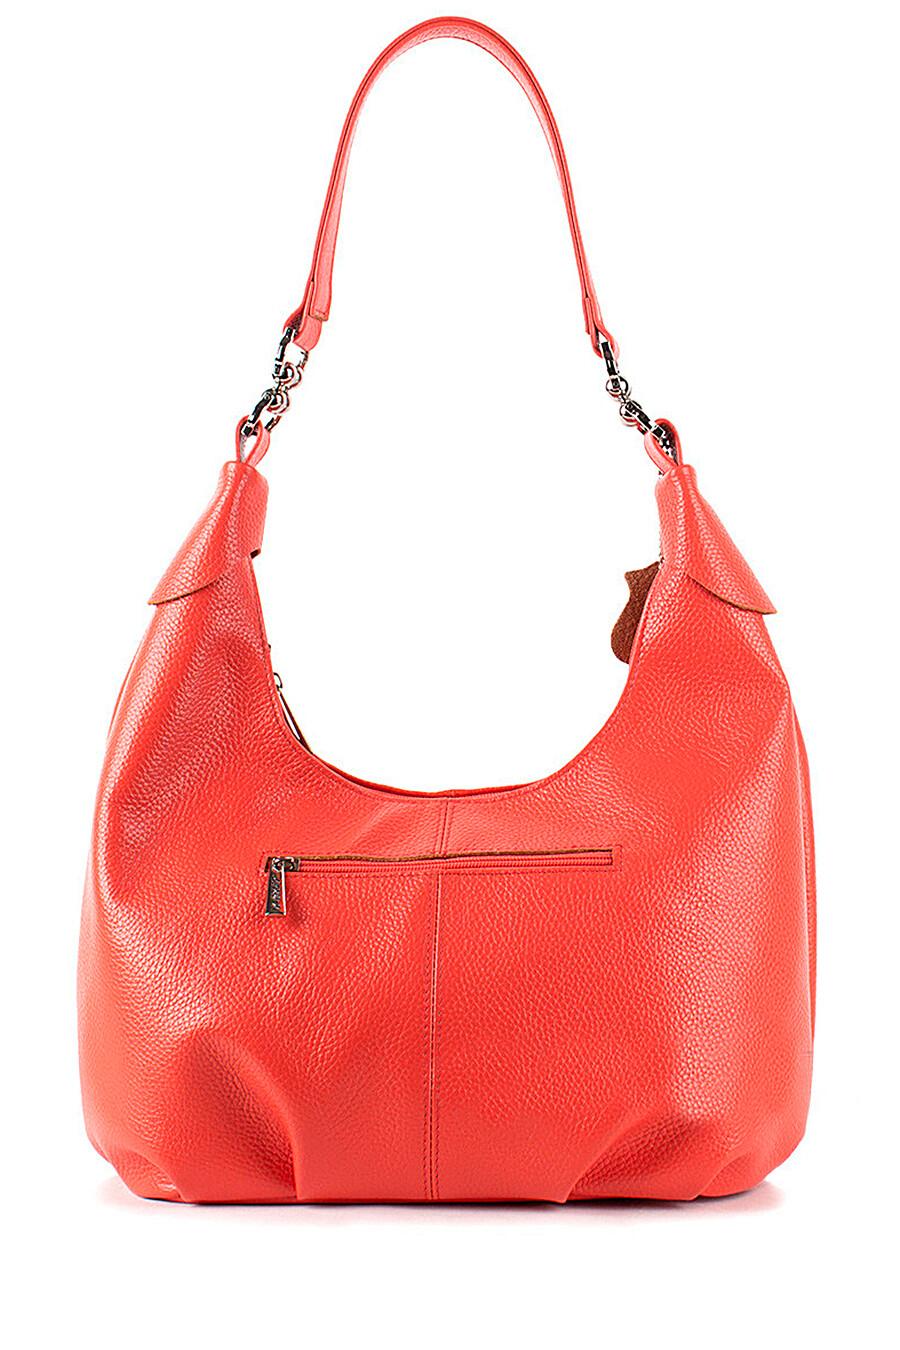 Сумка для женщин L-CRAFT 667907 купить оптом от производителя. Совместная покупка женской одежды в OptMoyo